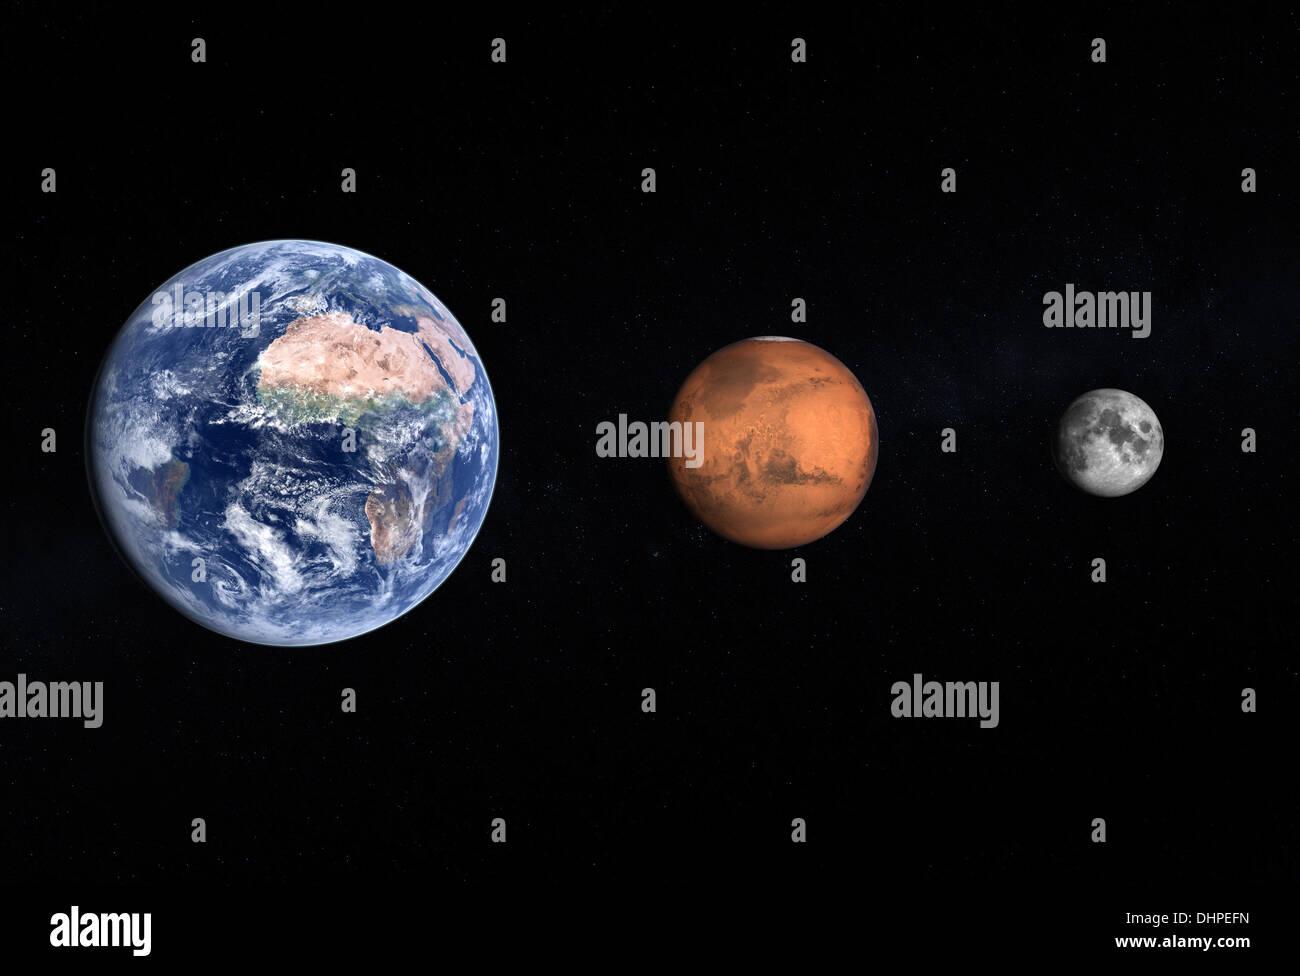 Ein Vergleich Zwischen Den Planeten Erde Und Mars Und Unsere Eigenen